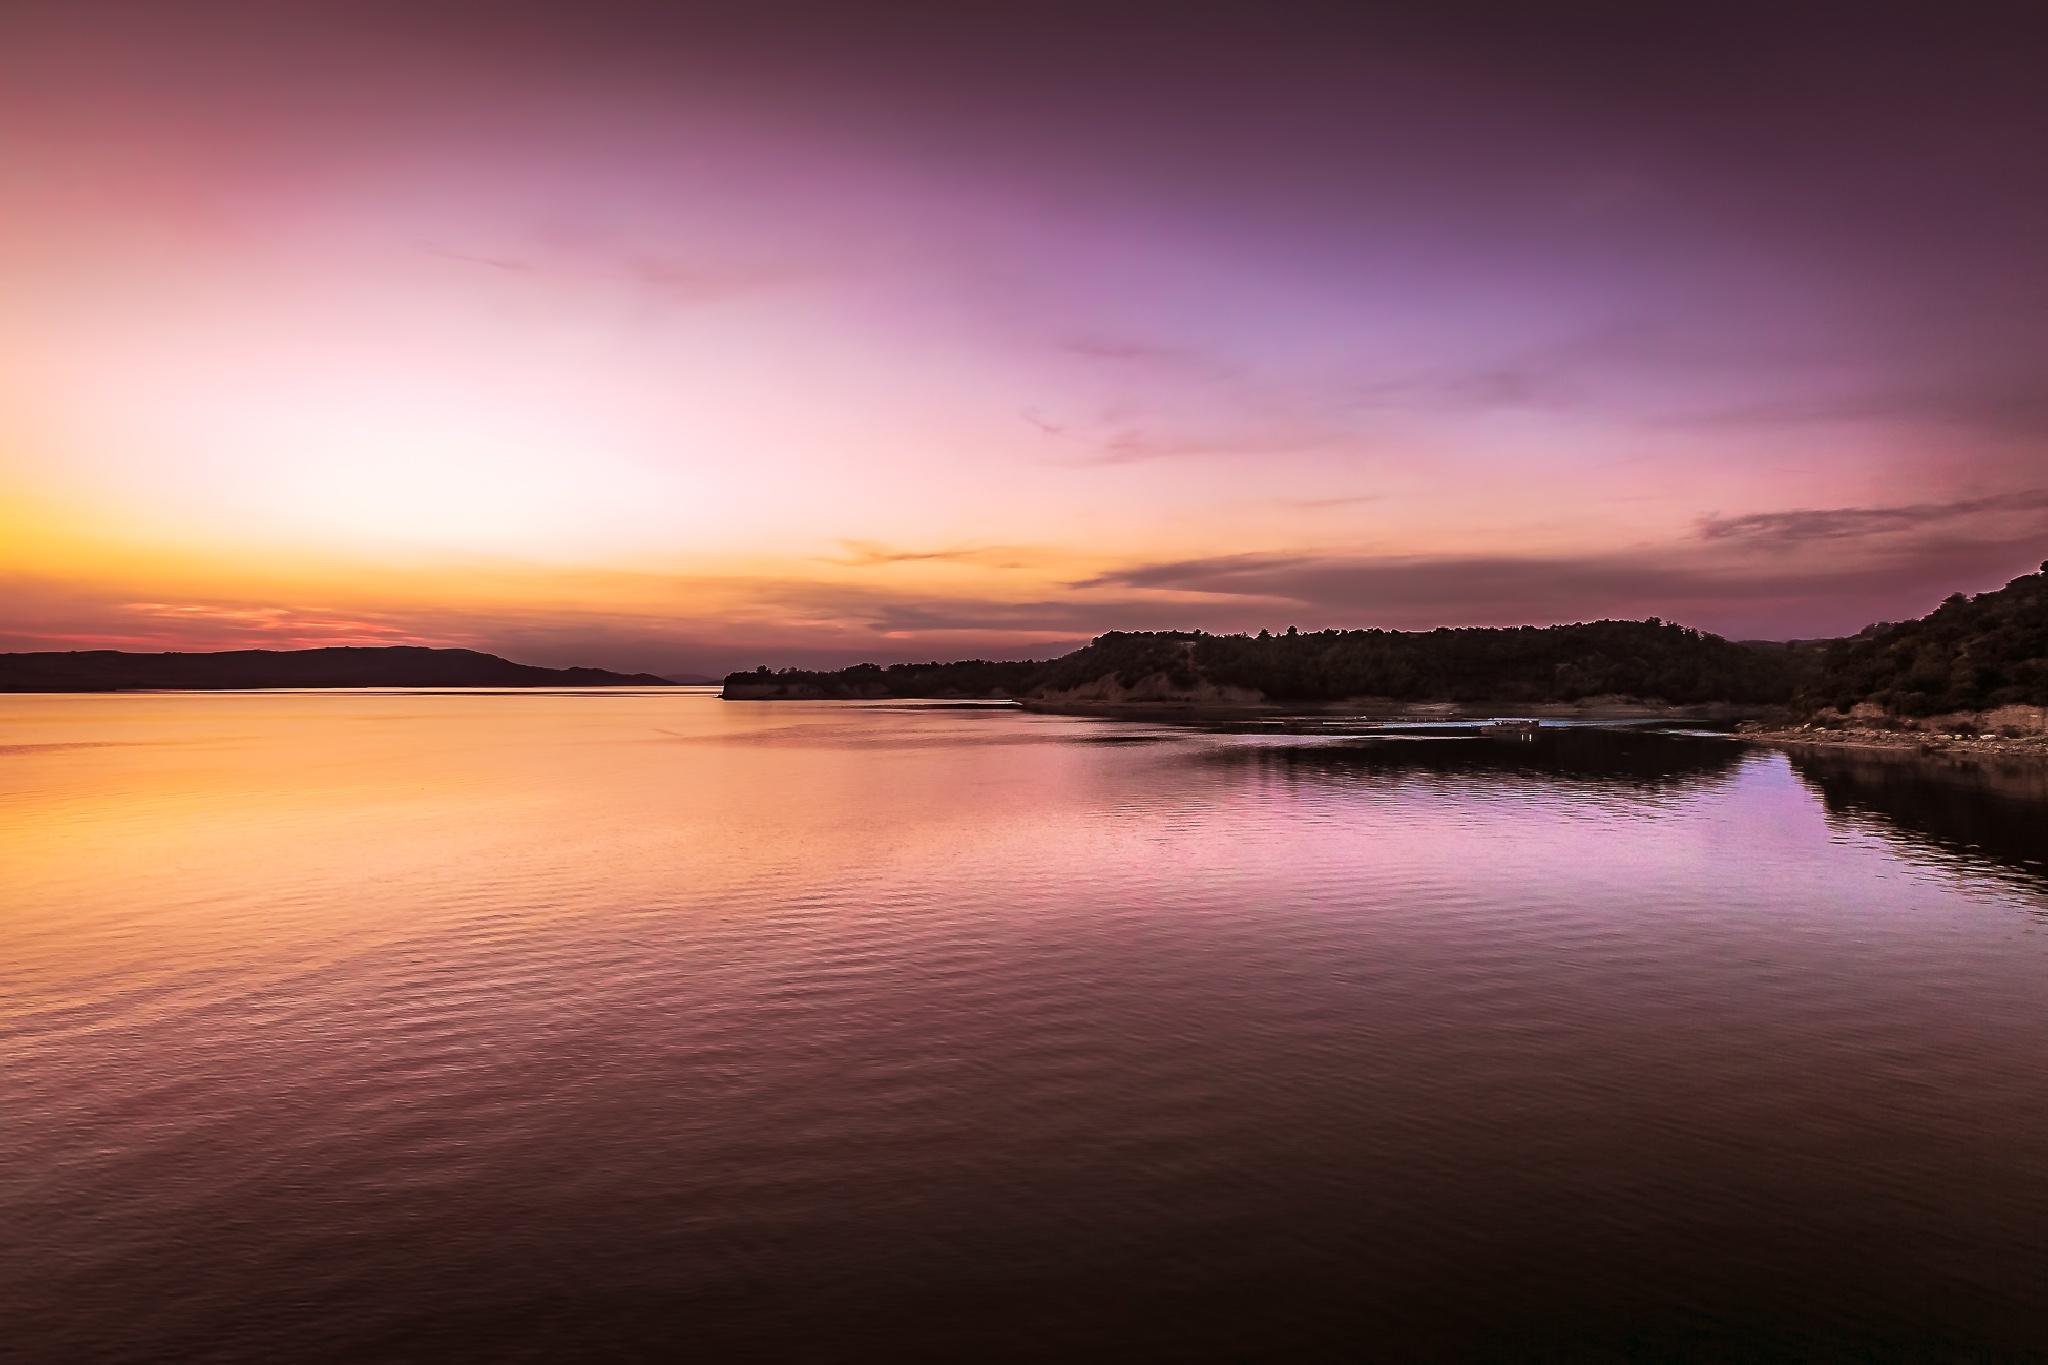 Seyhan Lake 4 by Bulent Cerci